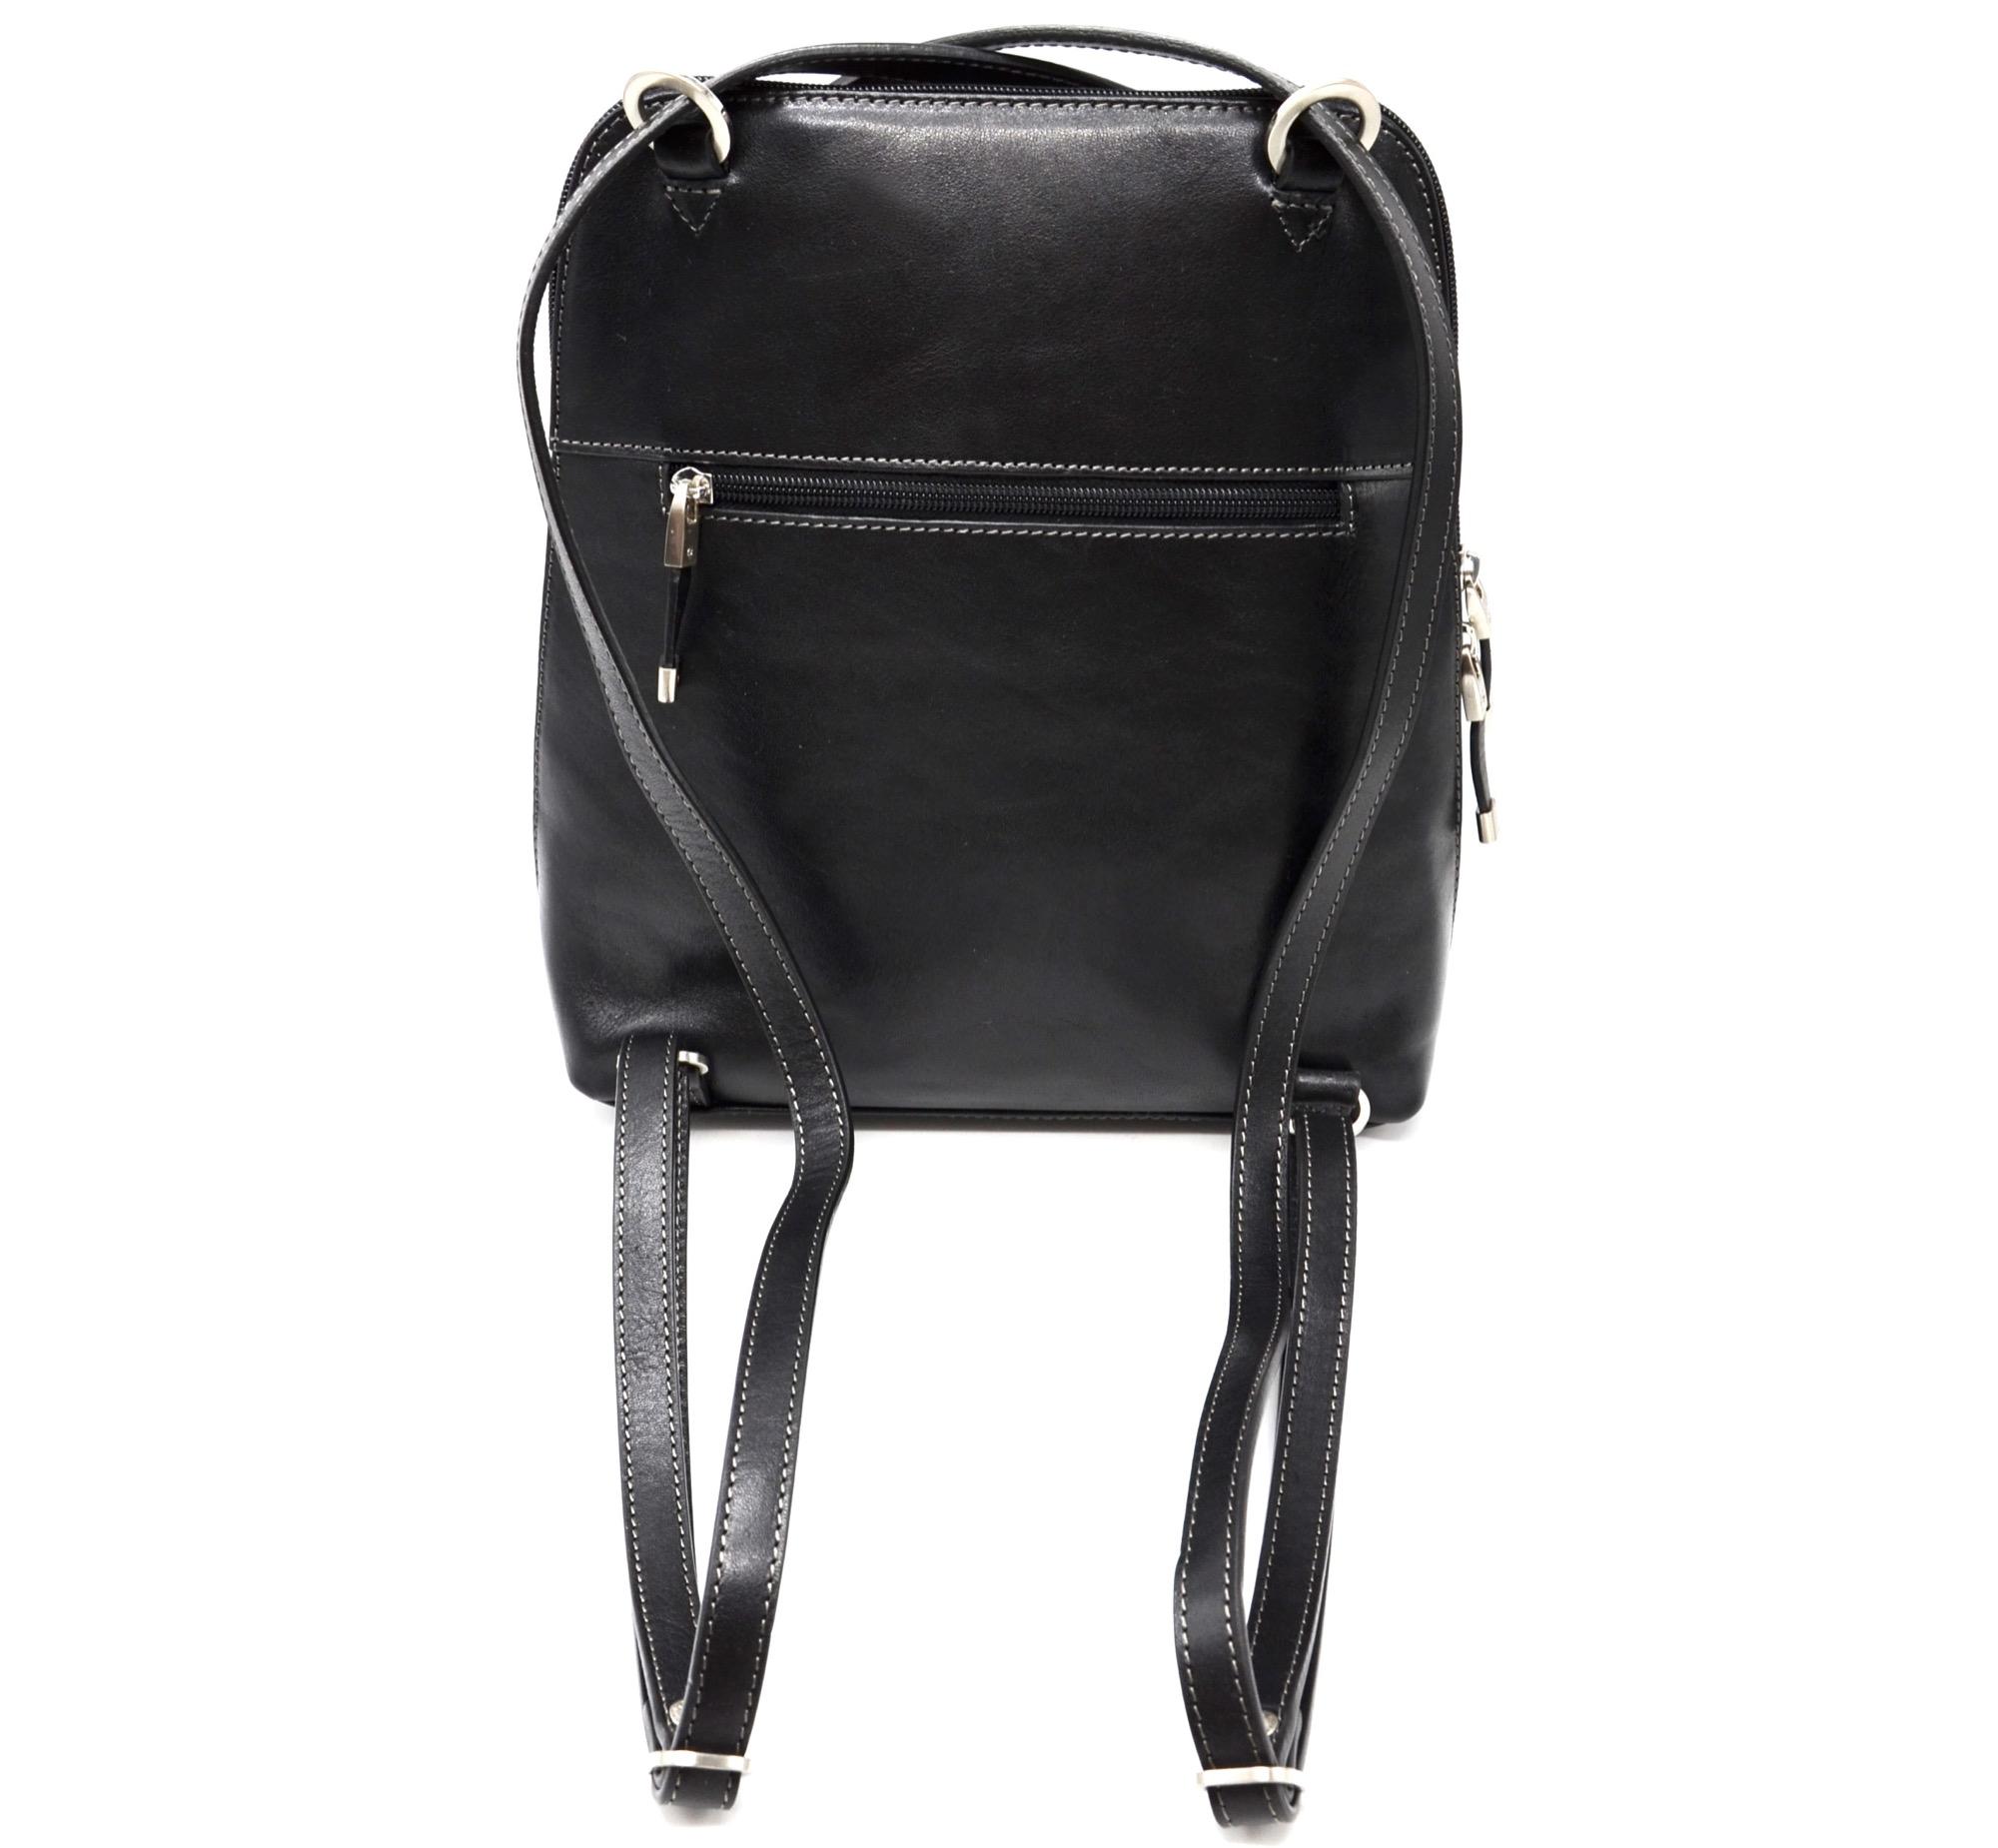 hdb06 sac dos cuir de vachette noir avec bretelles crois es et anneaux m tal argent oh my. Black Bedroom Furniture Sets. Home Design Ideas